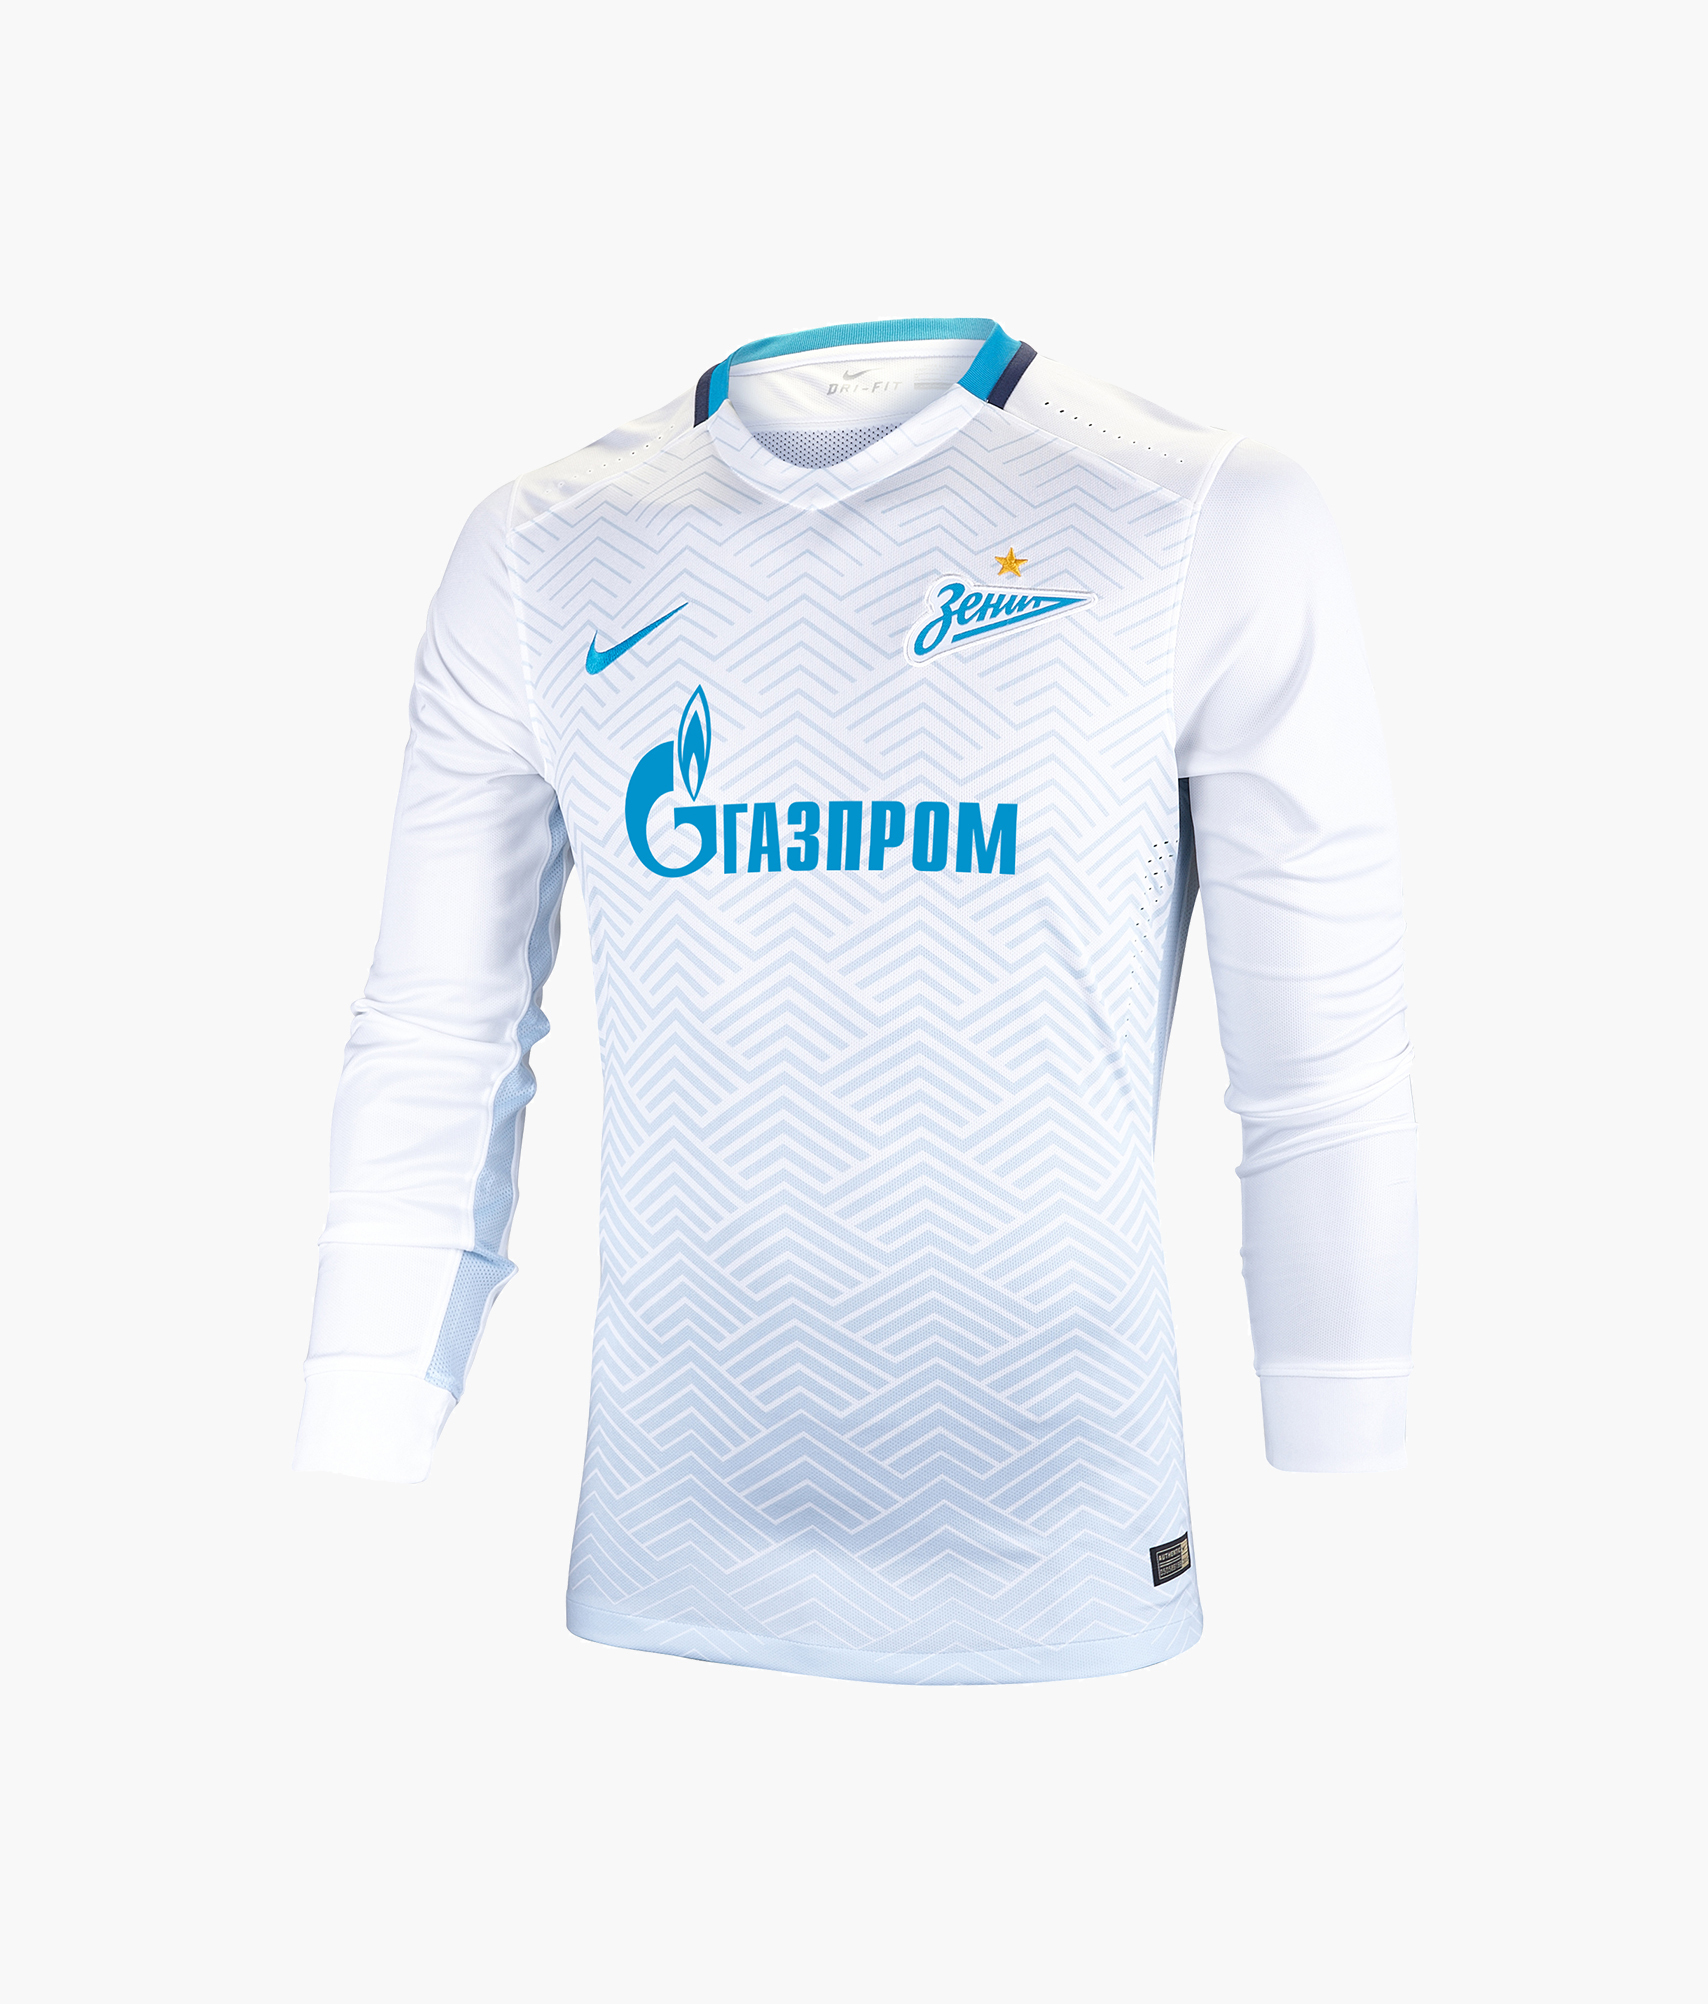 Оригинальная выездная футболка Nike с длинным рукавом Nike Цвет-Белый игровая выездная футболка цвет белый размер l